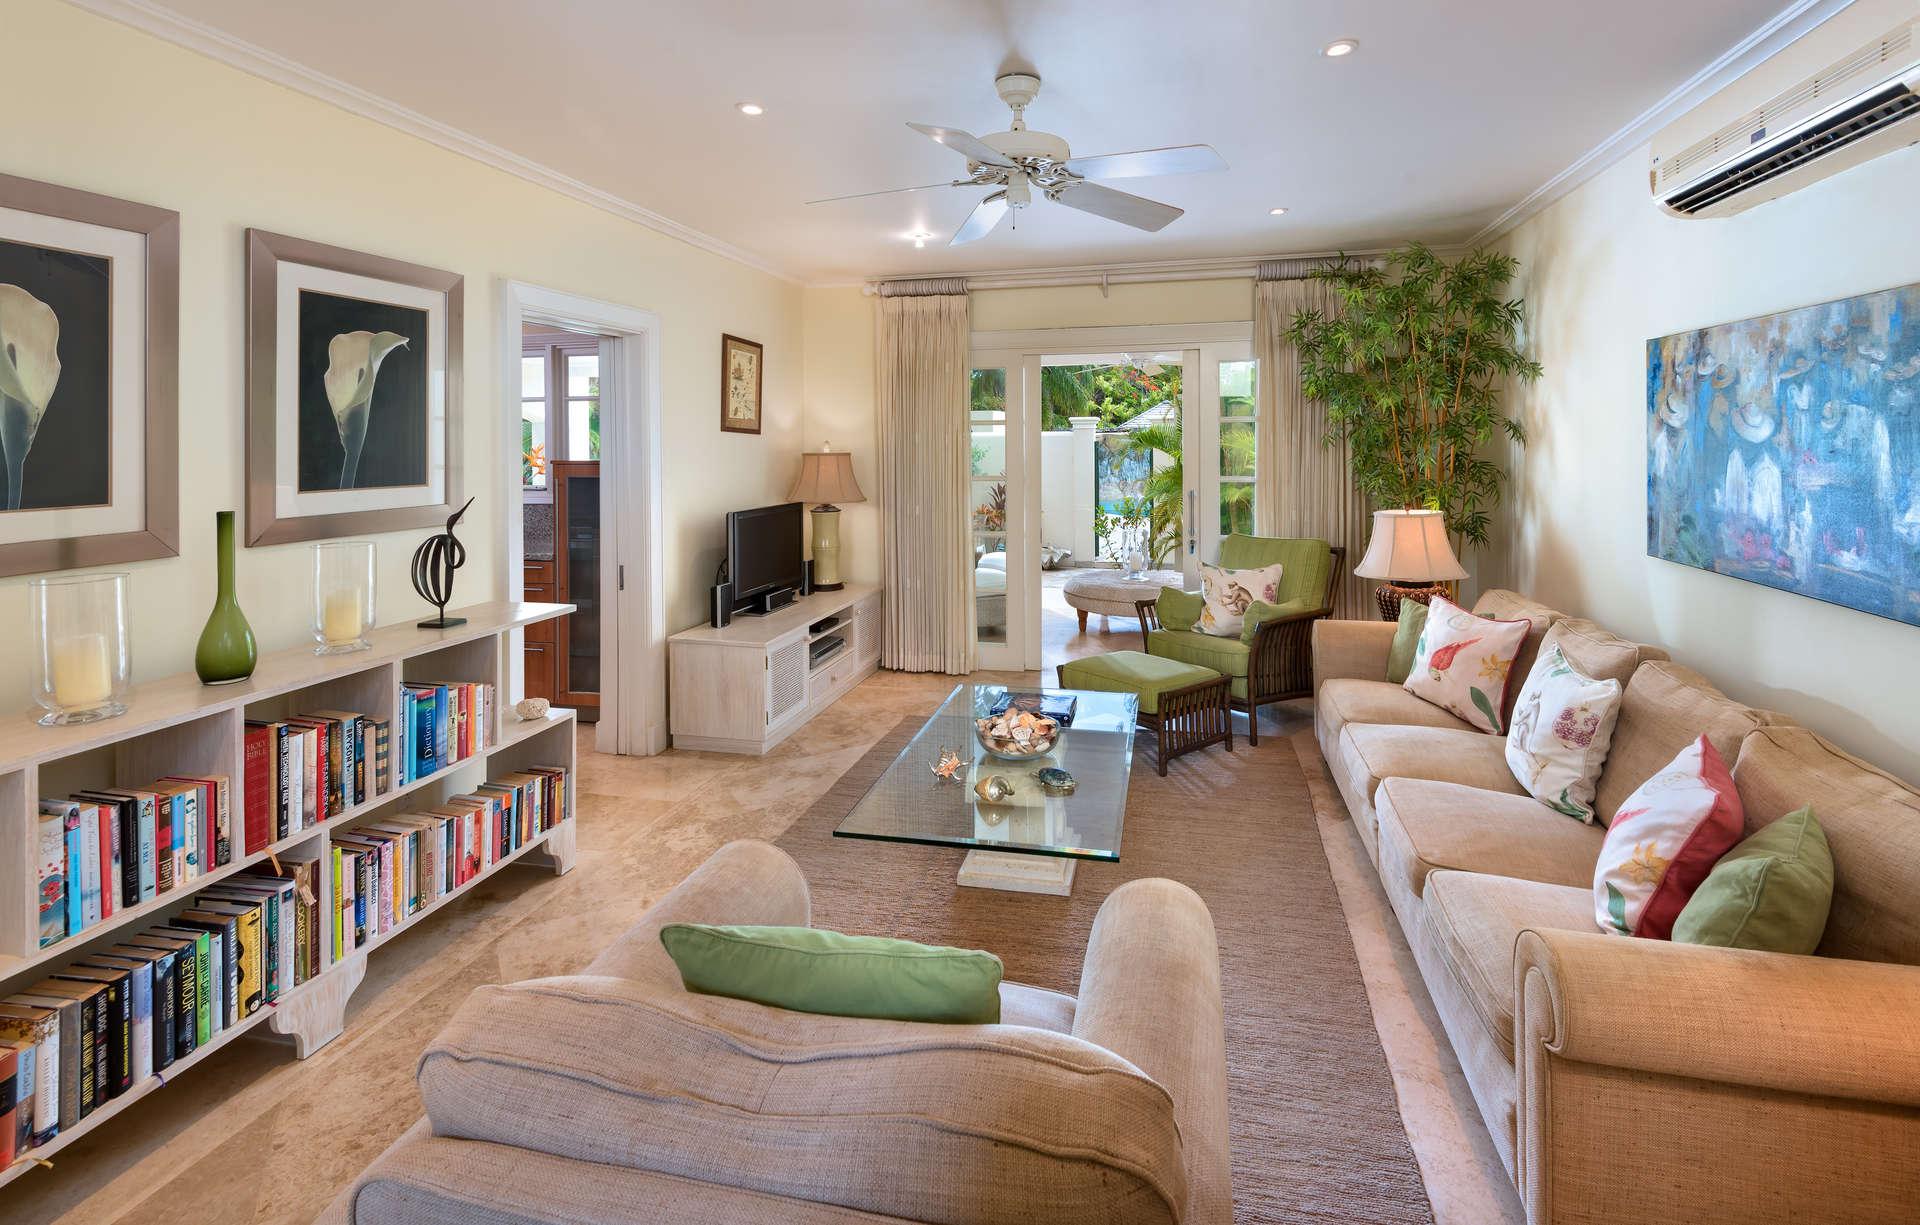 Luxury villa rentals caribbean - Barbados - St peter - Mullins - Coco - Image 1/13